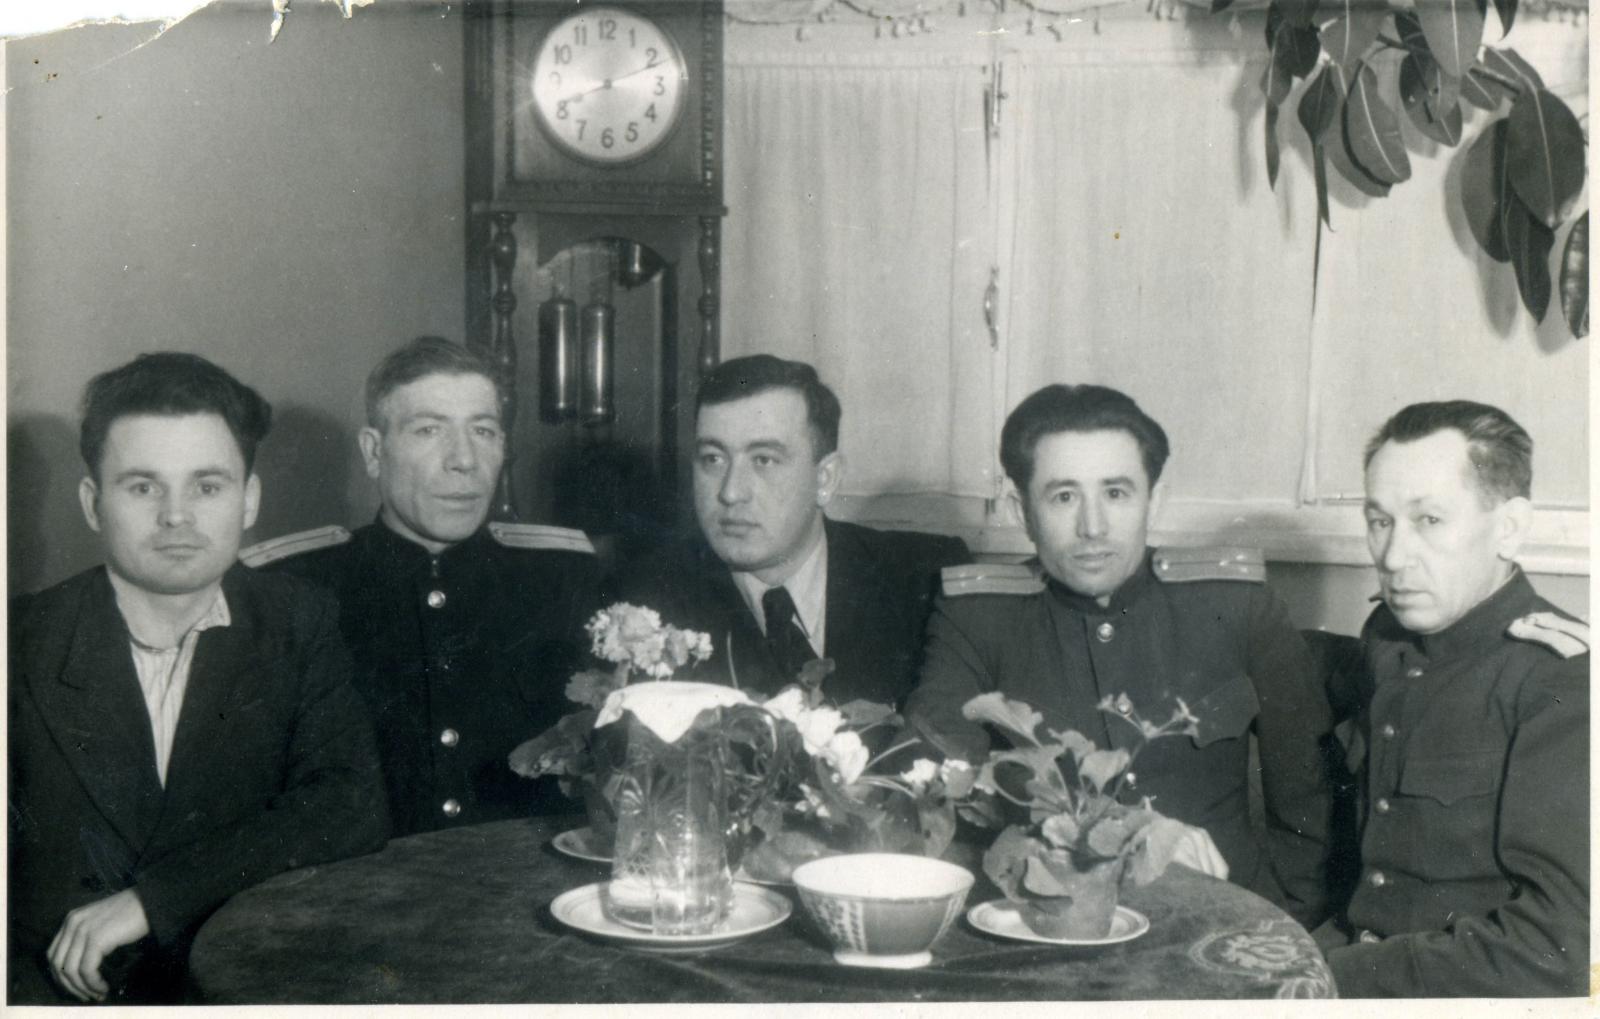 1951. Старший лейтенант МГБ Гимаев (2-й справа) с коллегами в ведомственном санатории «Отдых».  Москва